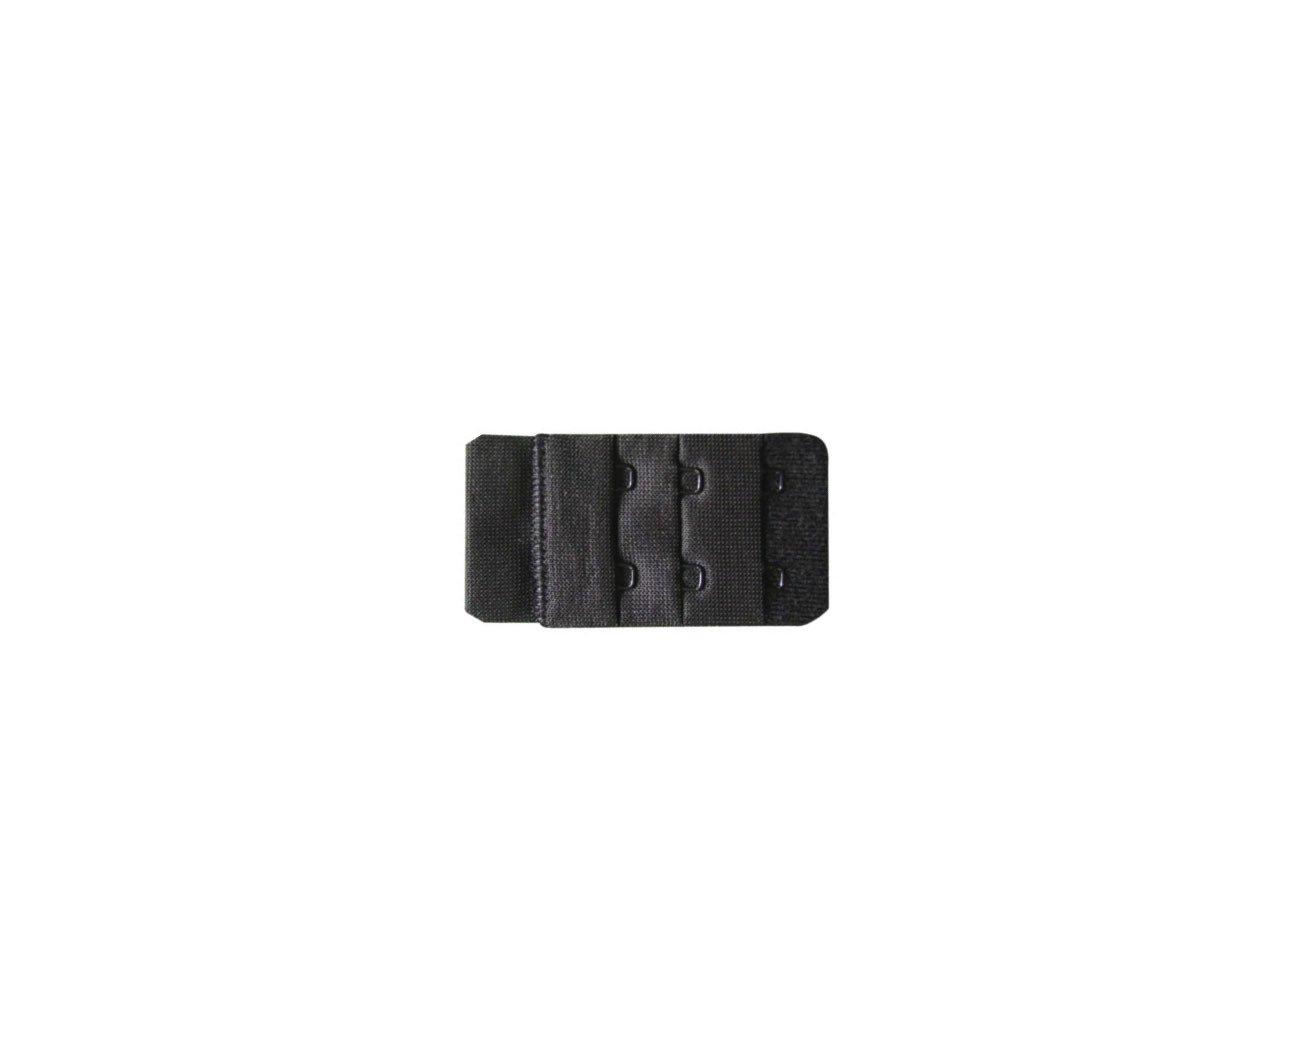 1b2c0318e2806 Gorteks Bra extender 2-hook black